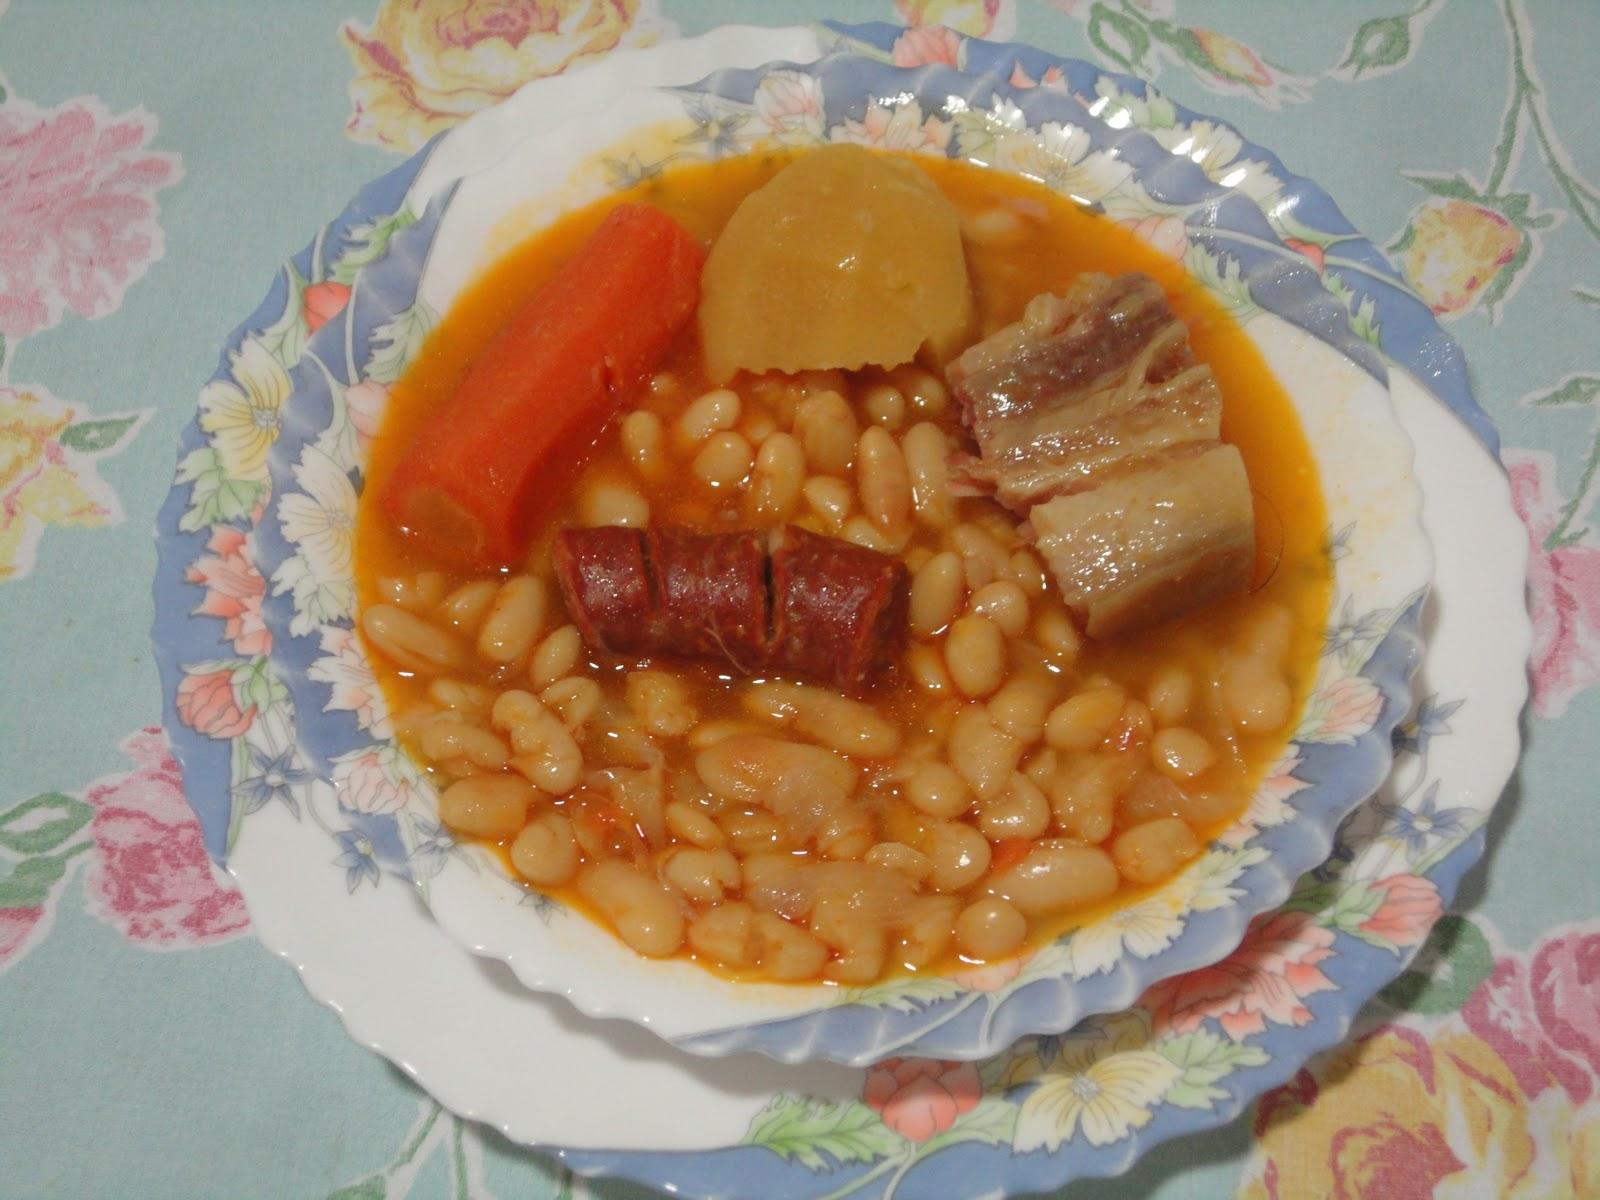 Tenedor y cuchara judias blancas con chorizo y tocino ib rico for Cocinar judias blancas